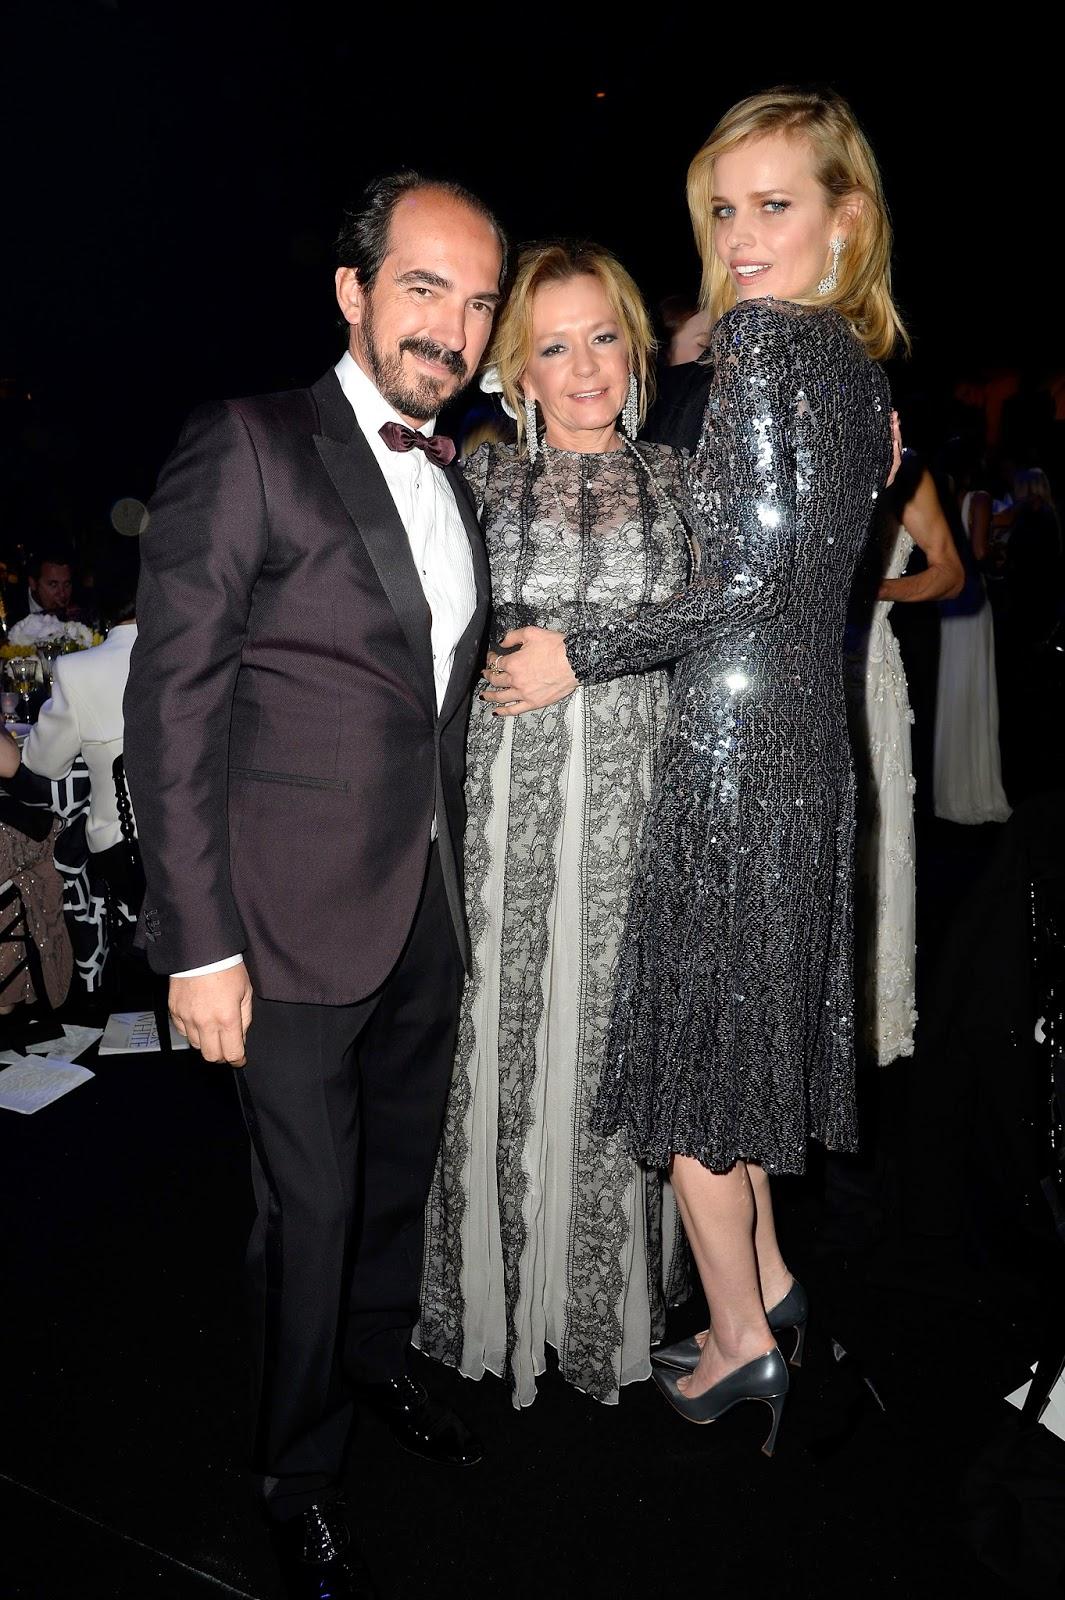 Cannes 2015 - Alexis Weller, Caroline Scheufele, Eva Herzigova